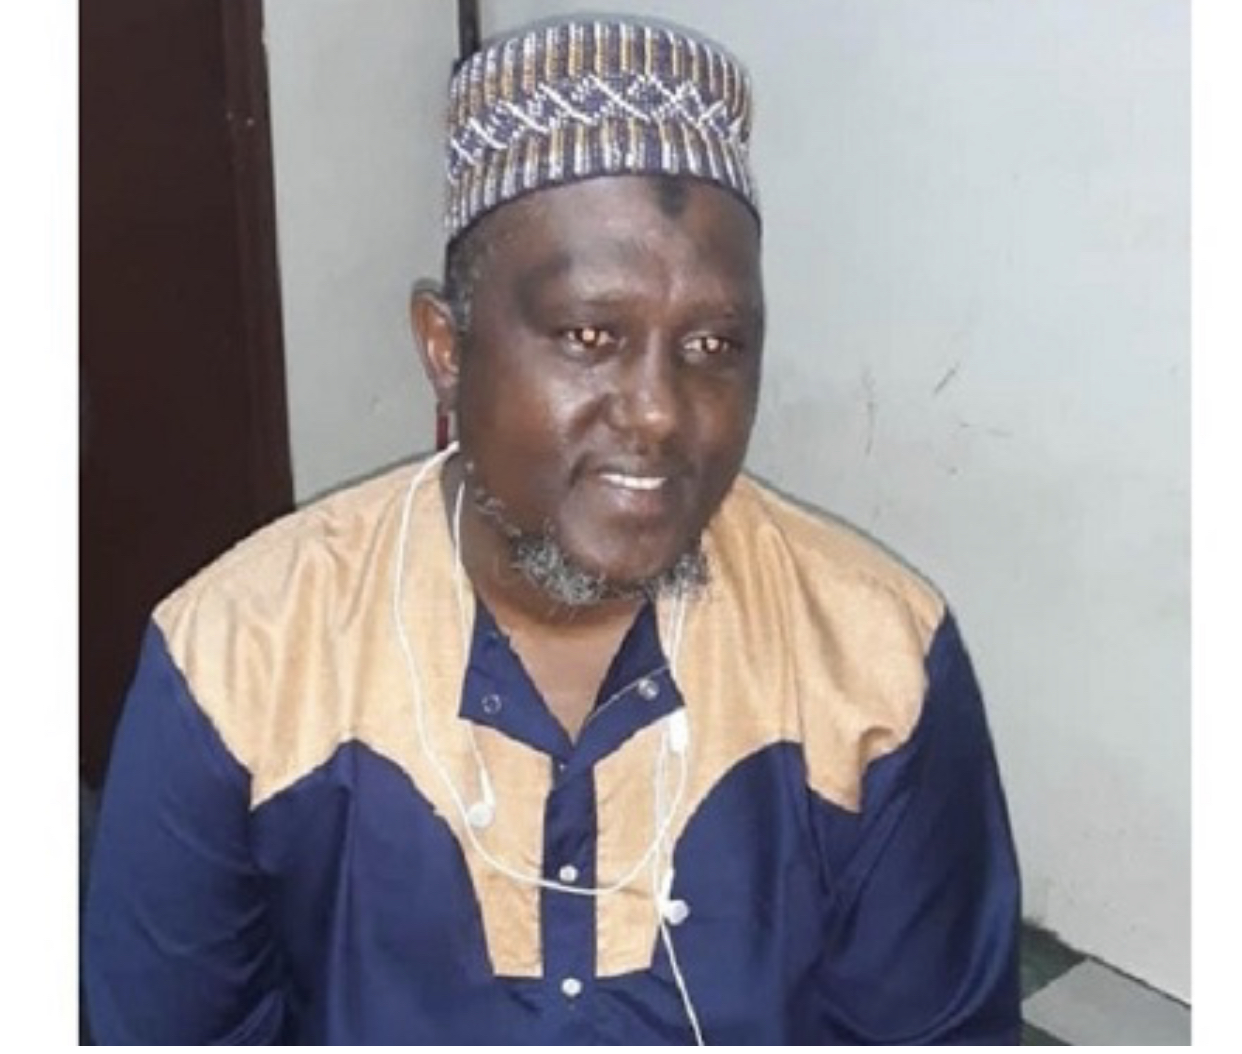 Arrêté au Gabon et menacé d'extradition vers le Sénégal : Qui est Ousmane Bâ, l'insulteur des familles religieuses du Sénégal ?